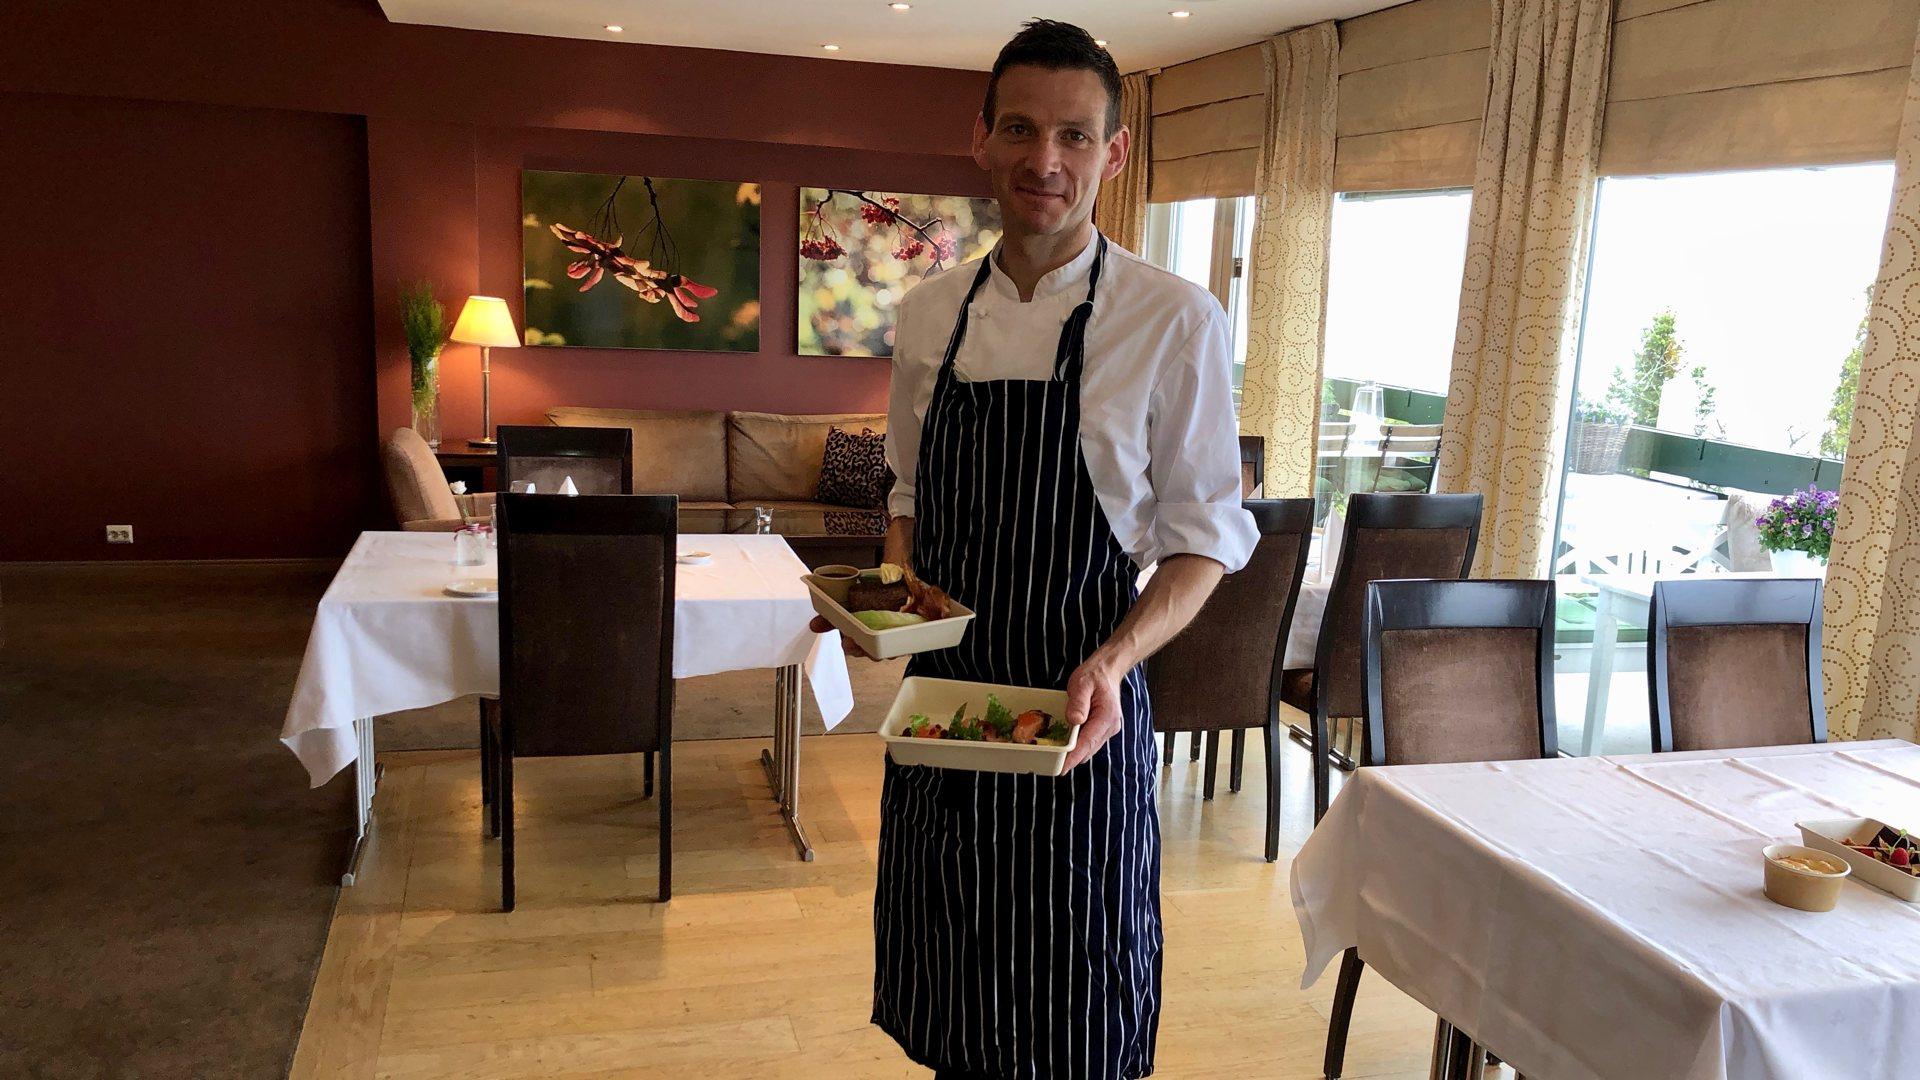 Tilbyr restaurantopplevelse hjemme. Tyrifjord hotell med nytt takeaway-tilbud